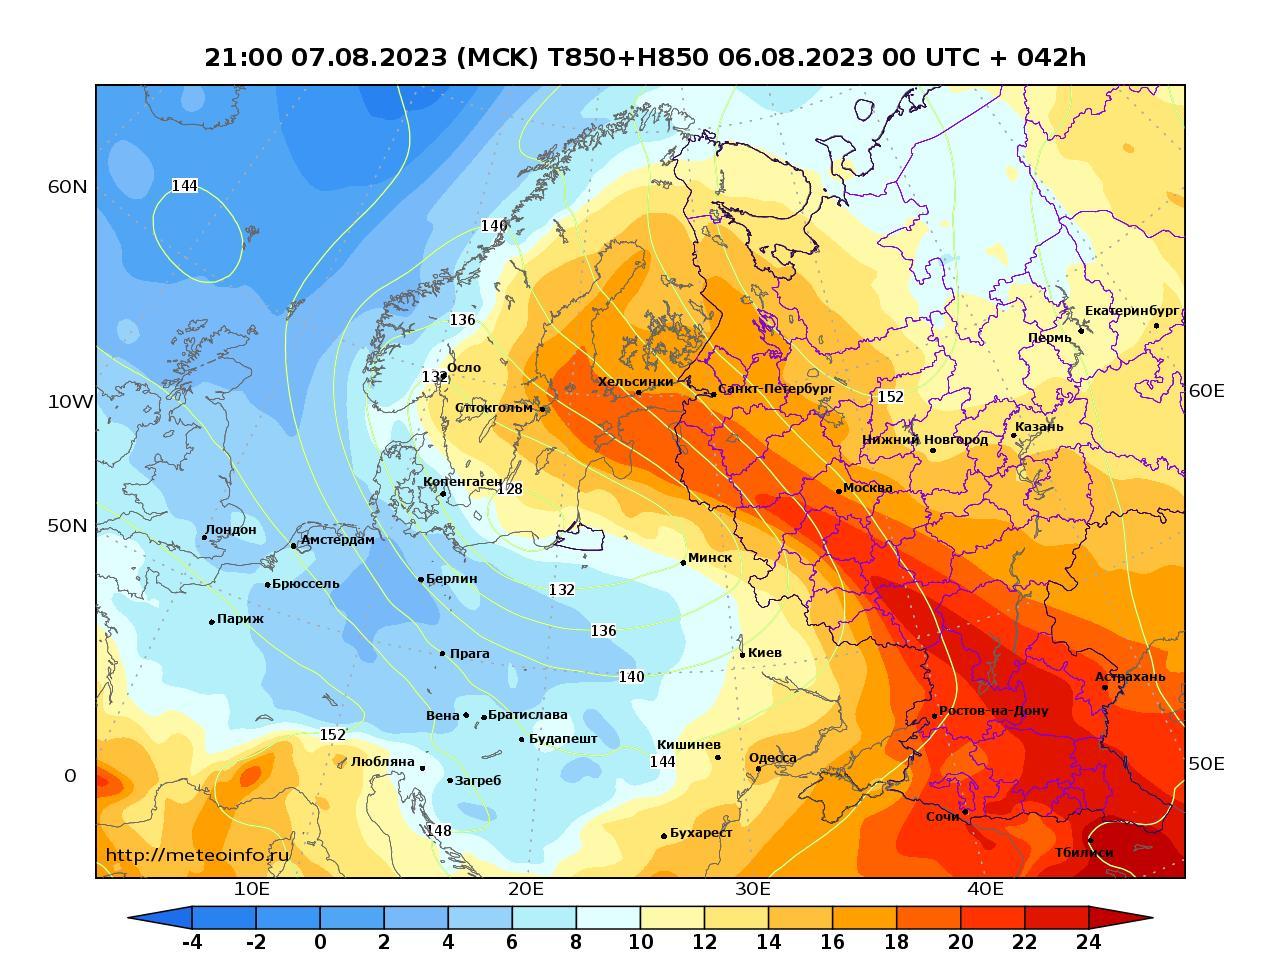 Европейская территория России, прогностическая карта температура T850 и геопотенциал H850, заблаговременность прогноза 42 часа